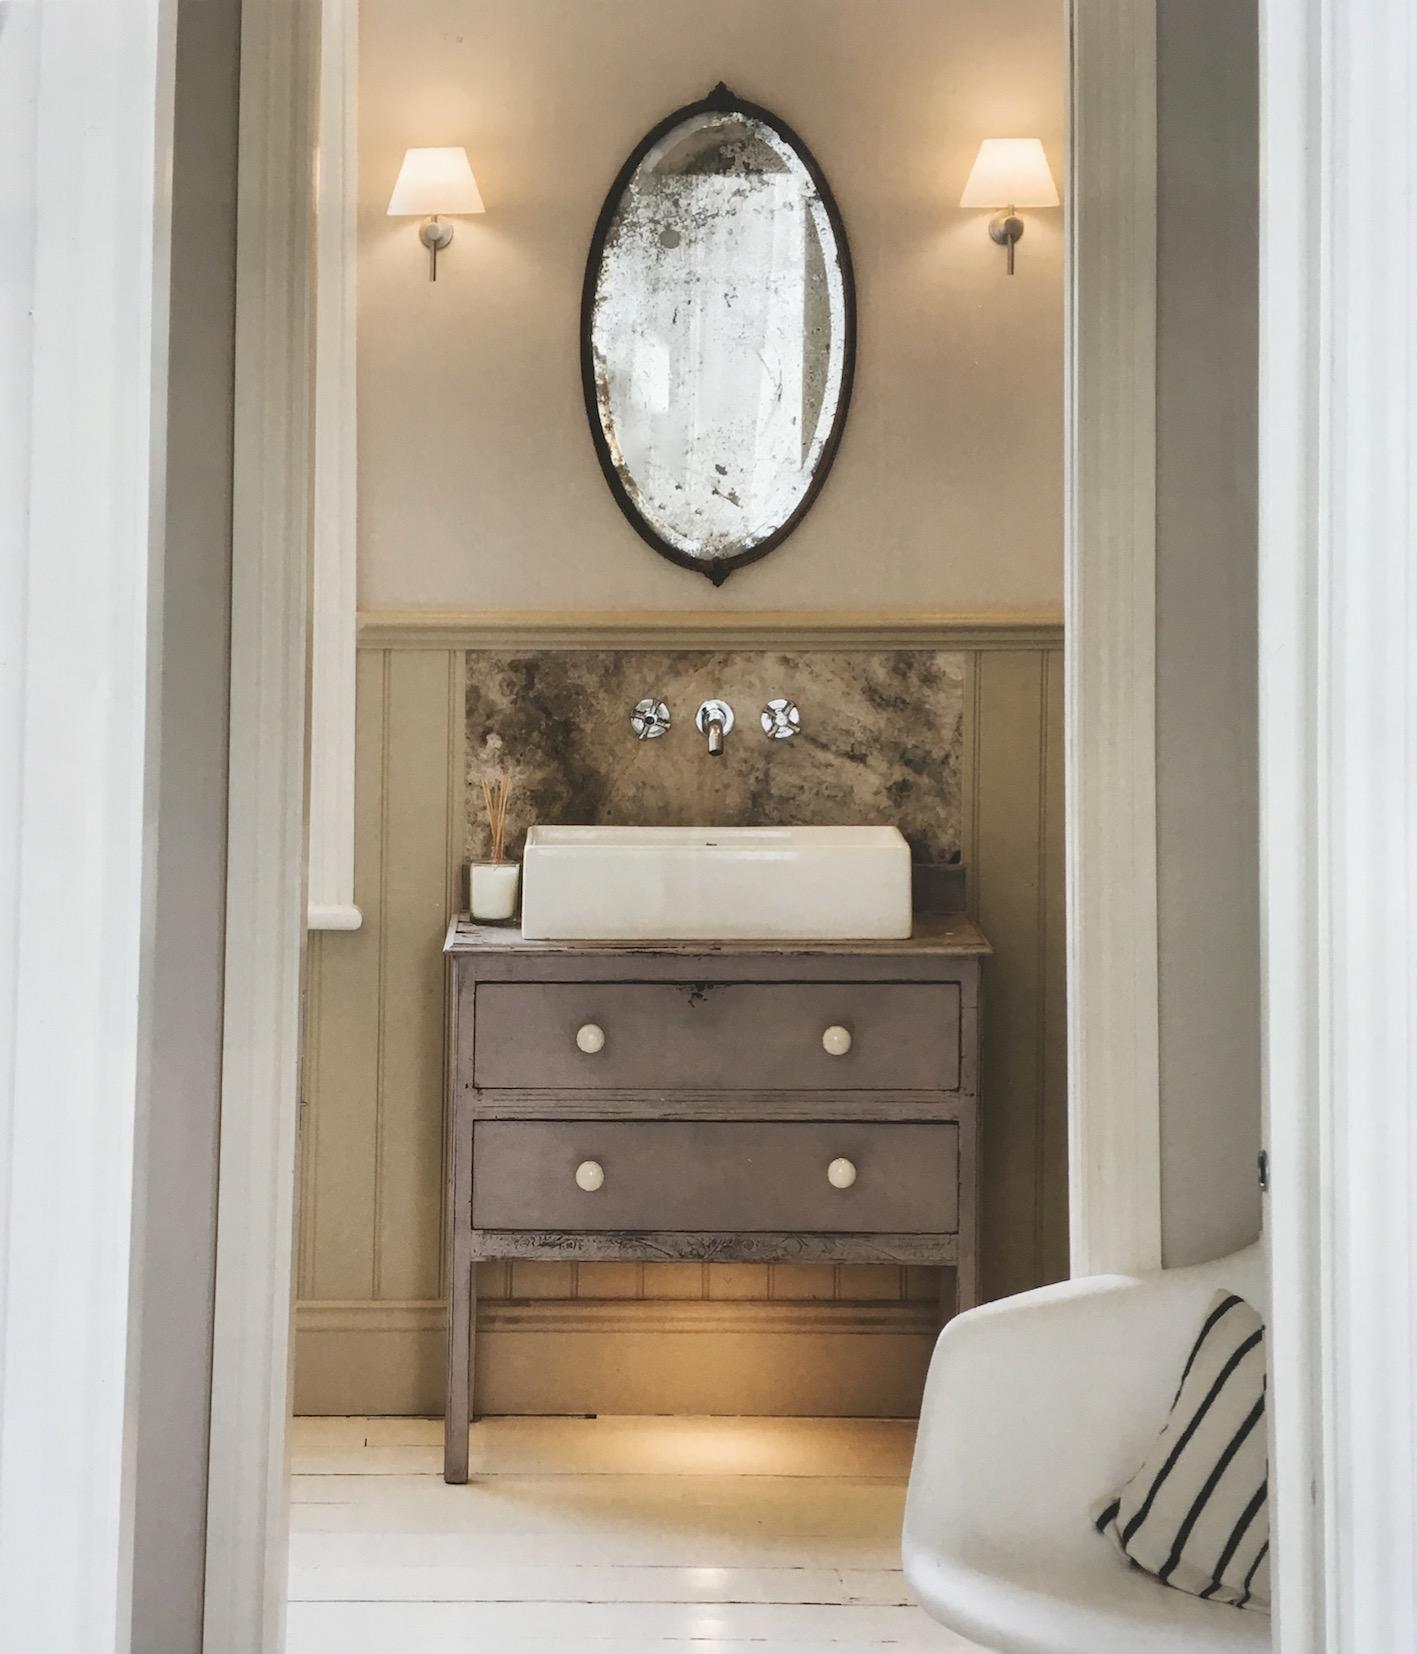 Deco Salle De Bain Recup ~ meuble vasque bois recup salle de bain le blog d co de mlc